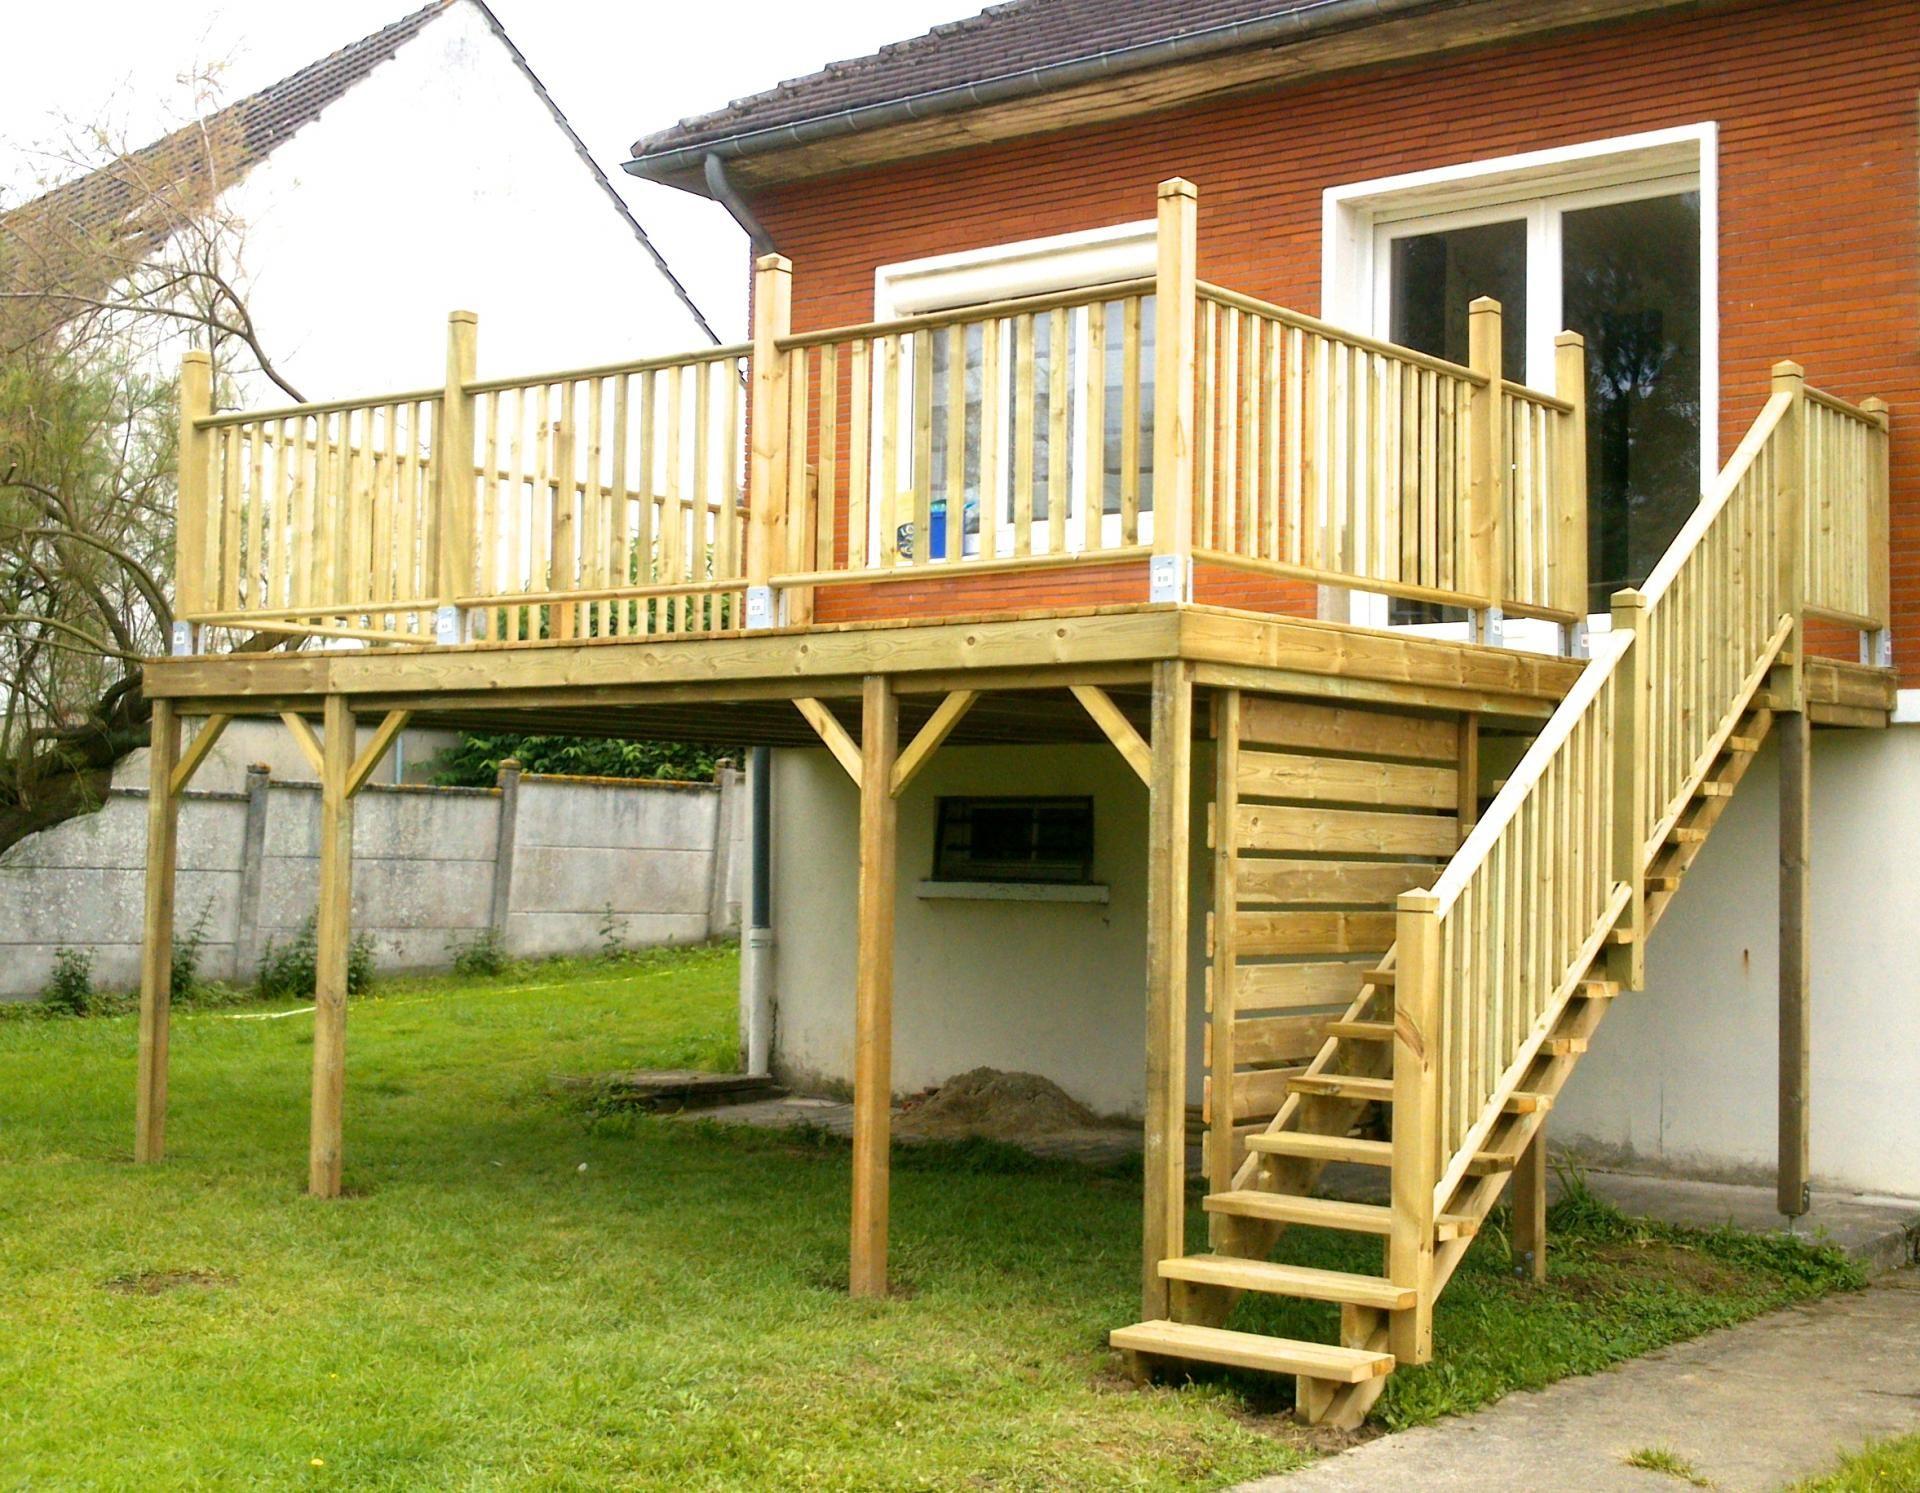 Terrasse bois sur pilotis avec escalier bois en 2019